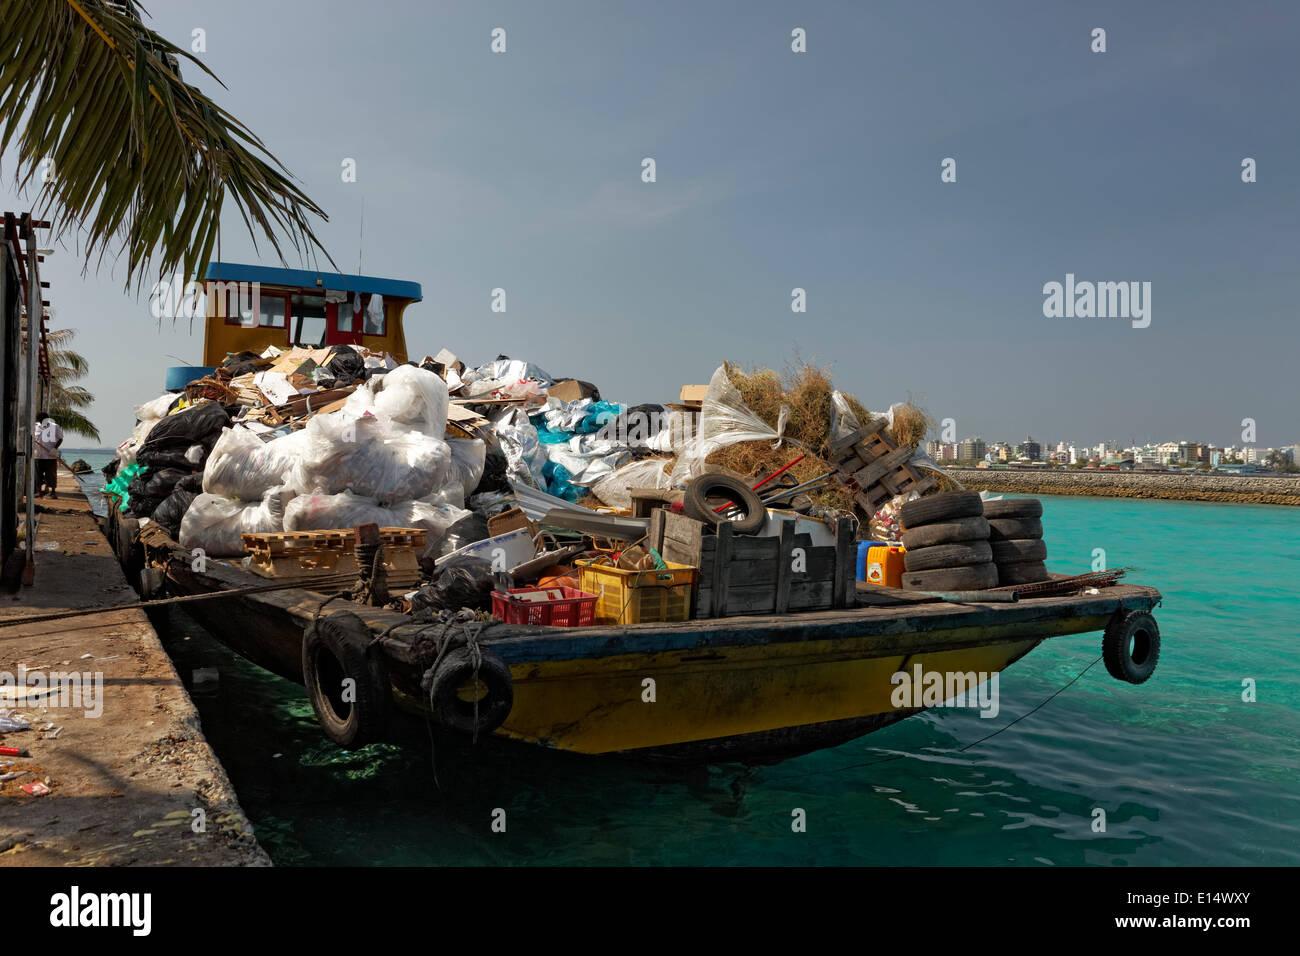 Müll auf einem Lastkahn, Hulhulé, Nord-Malé-Atoll, Indischer Ozean, Malediven Stockbild